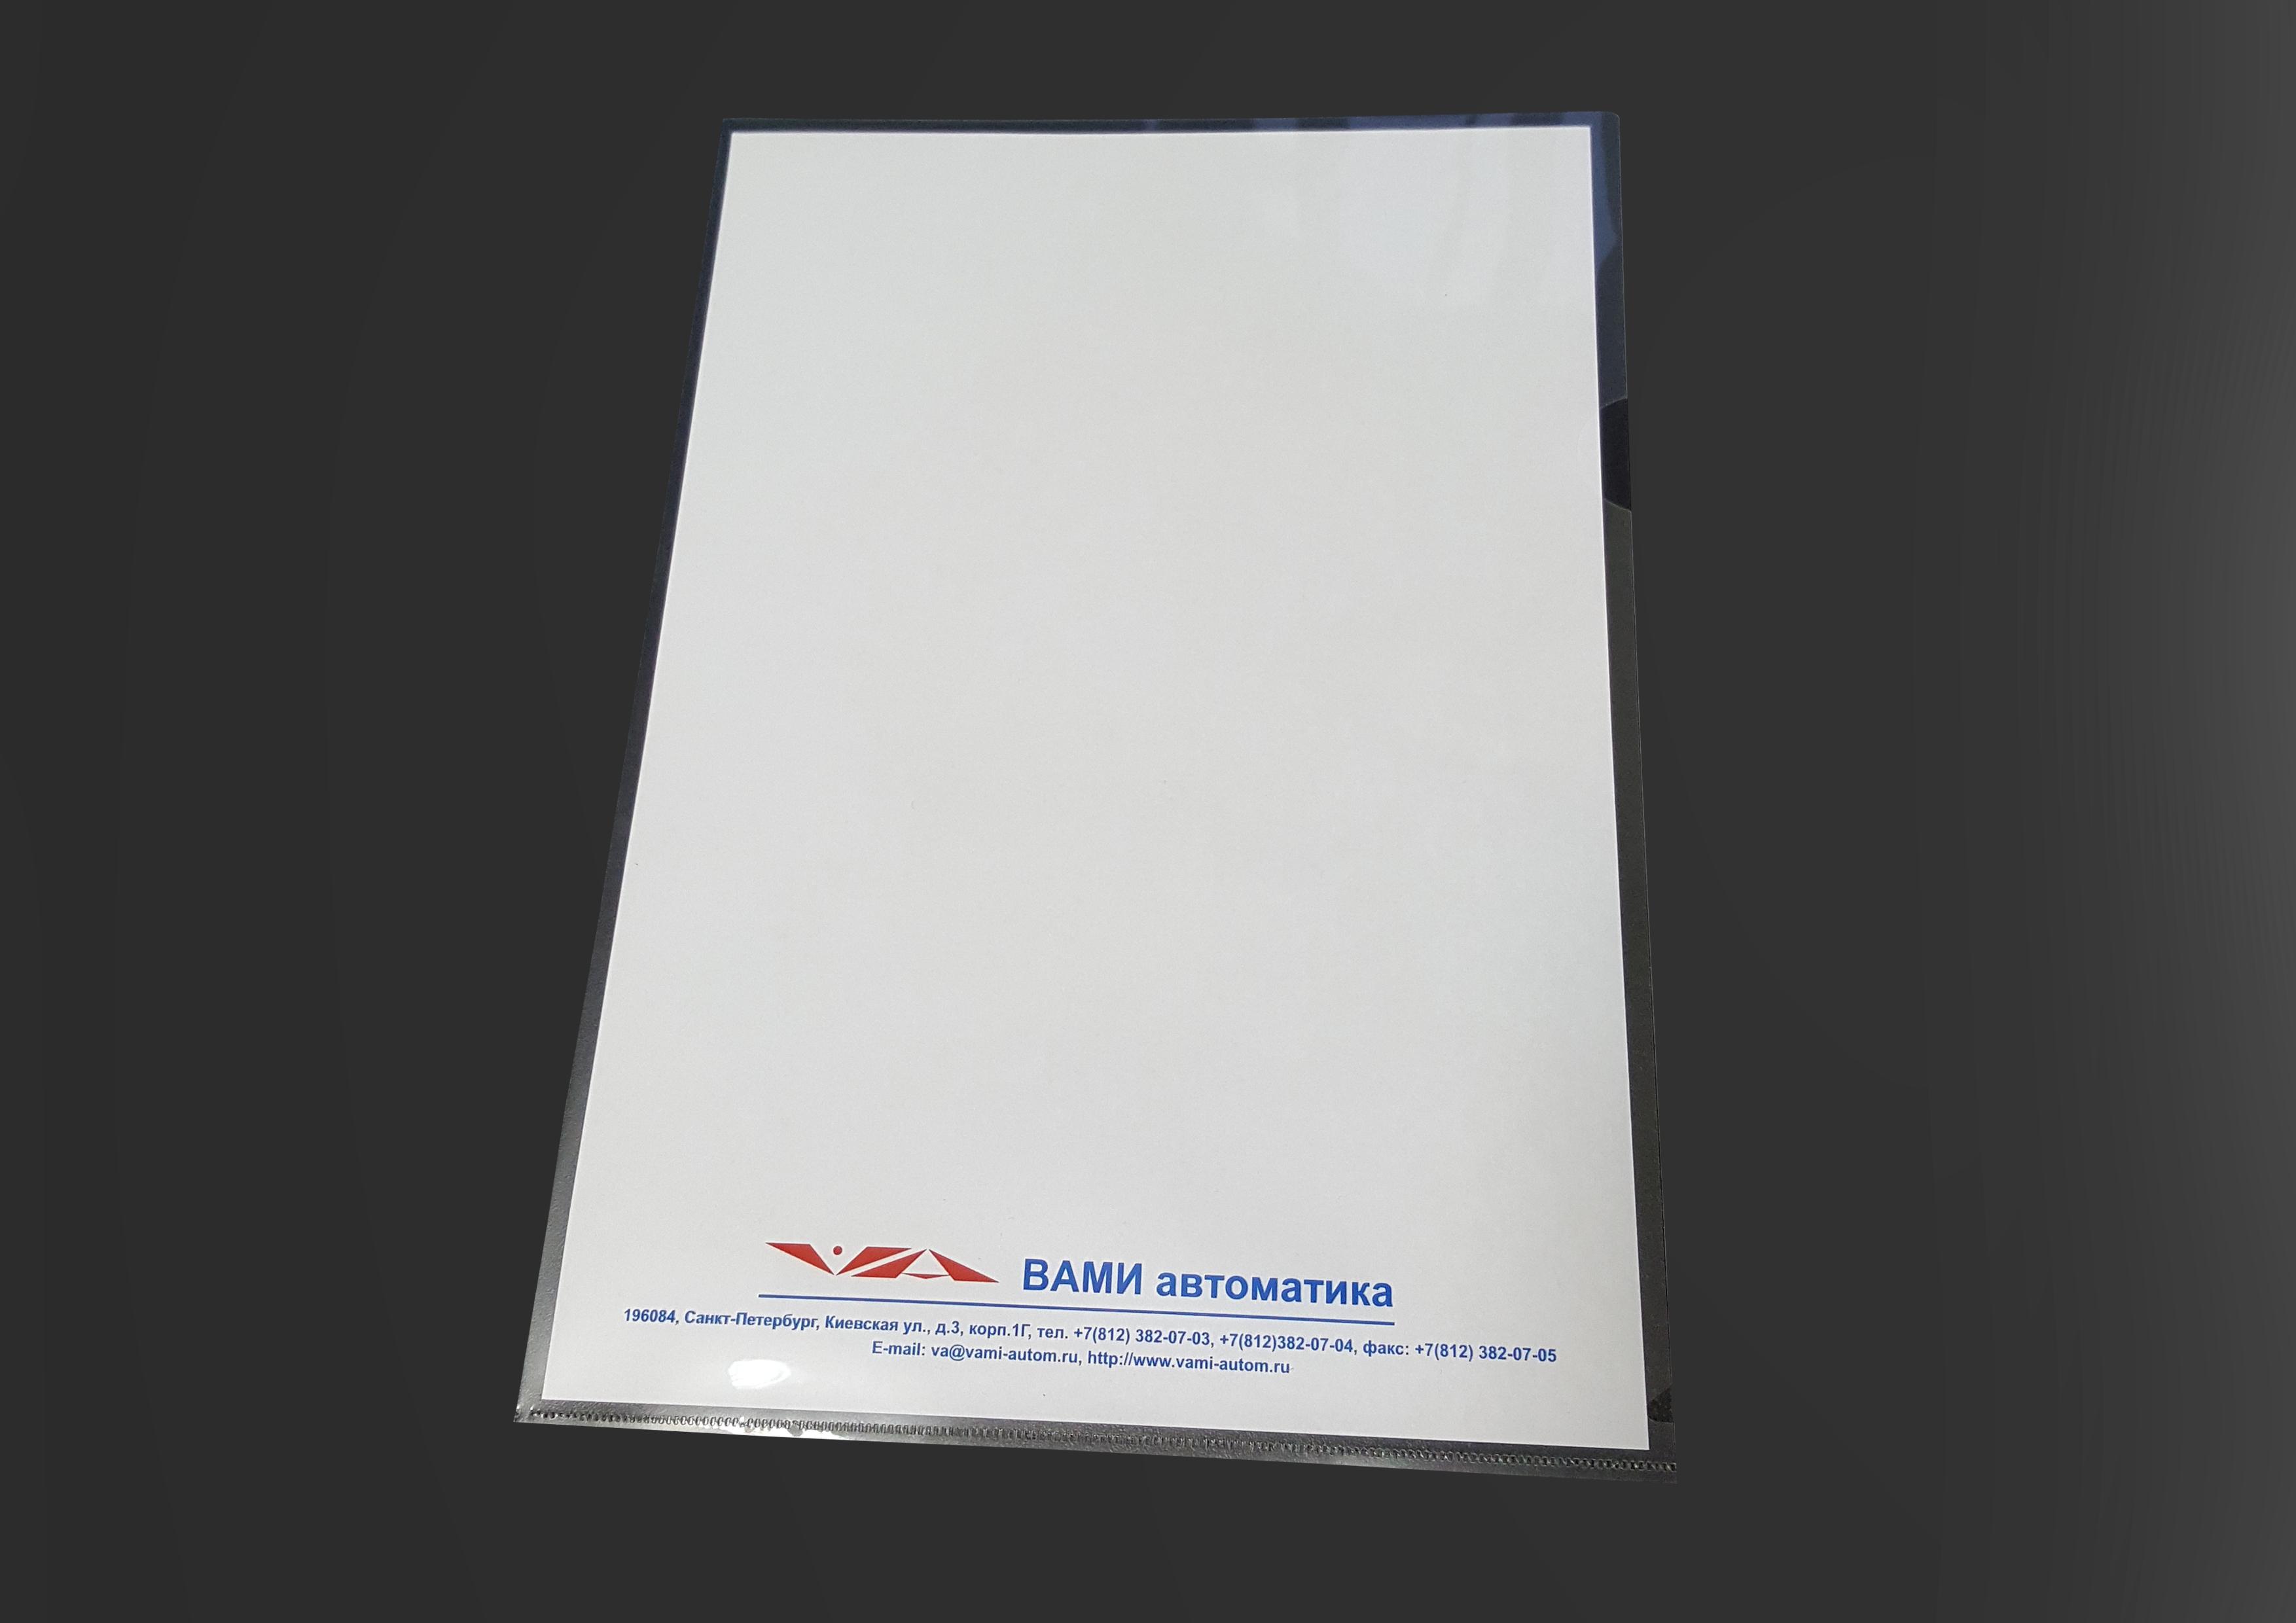 Изготовление и печать папок с логотипом